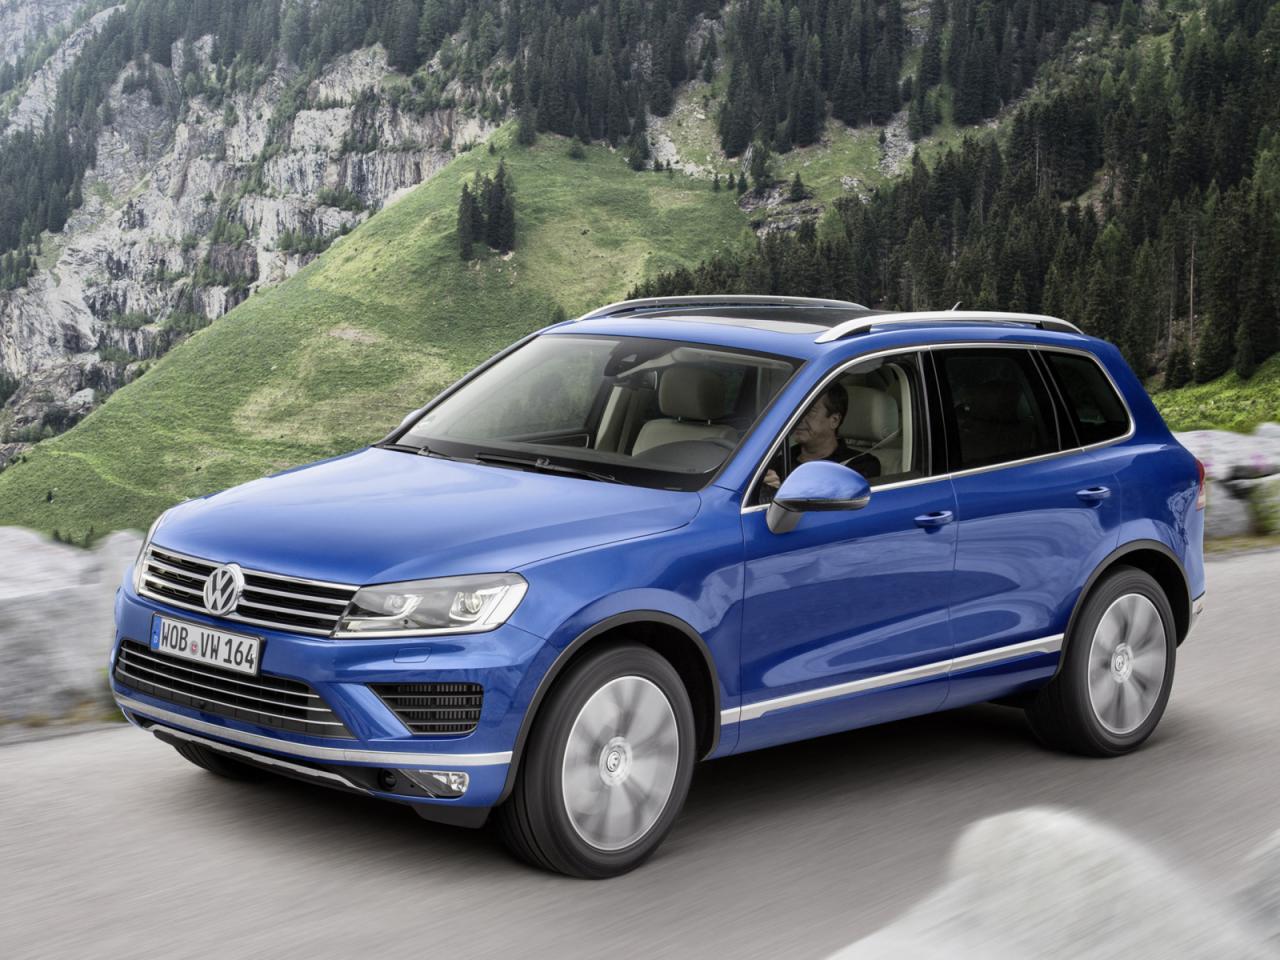 Volkswagen Touareg 2015 3 0 Tdi Foto 15 Di 21